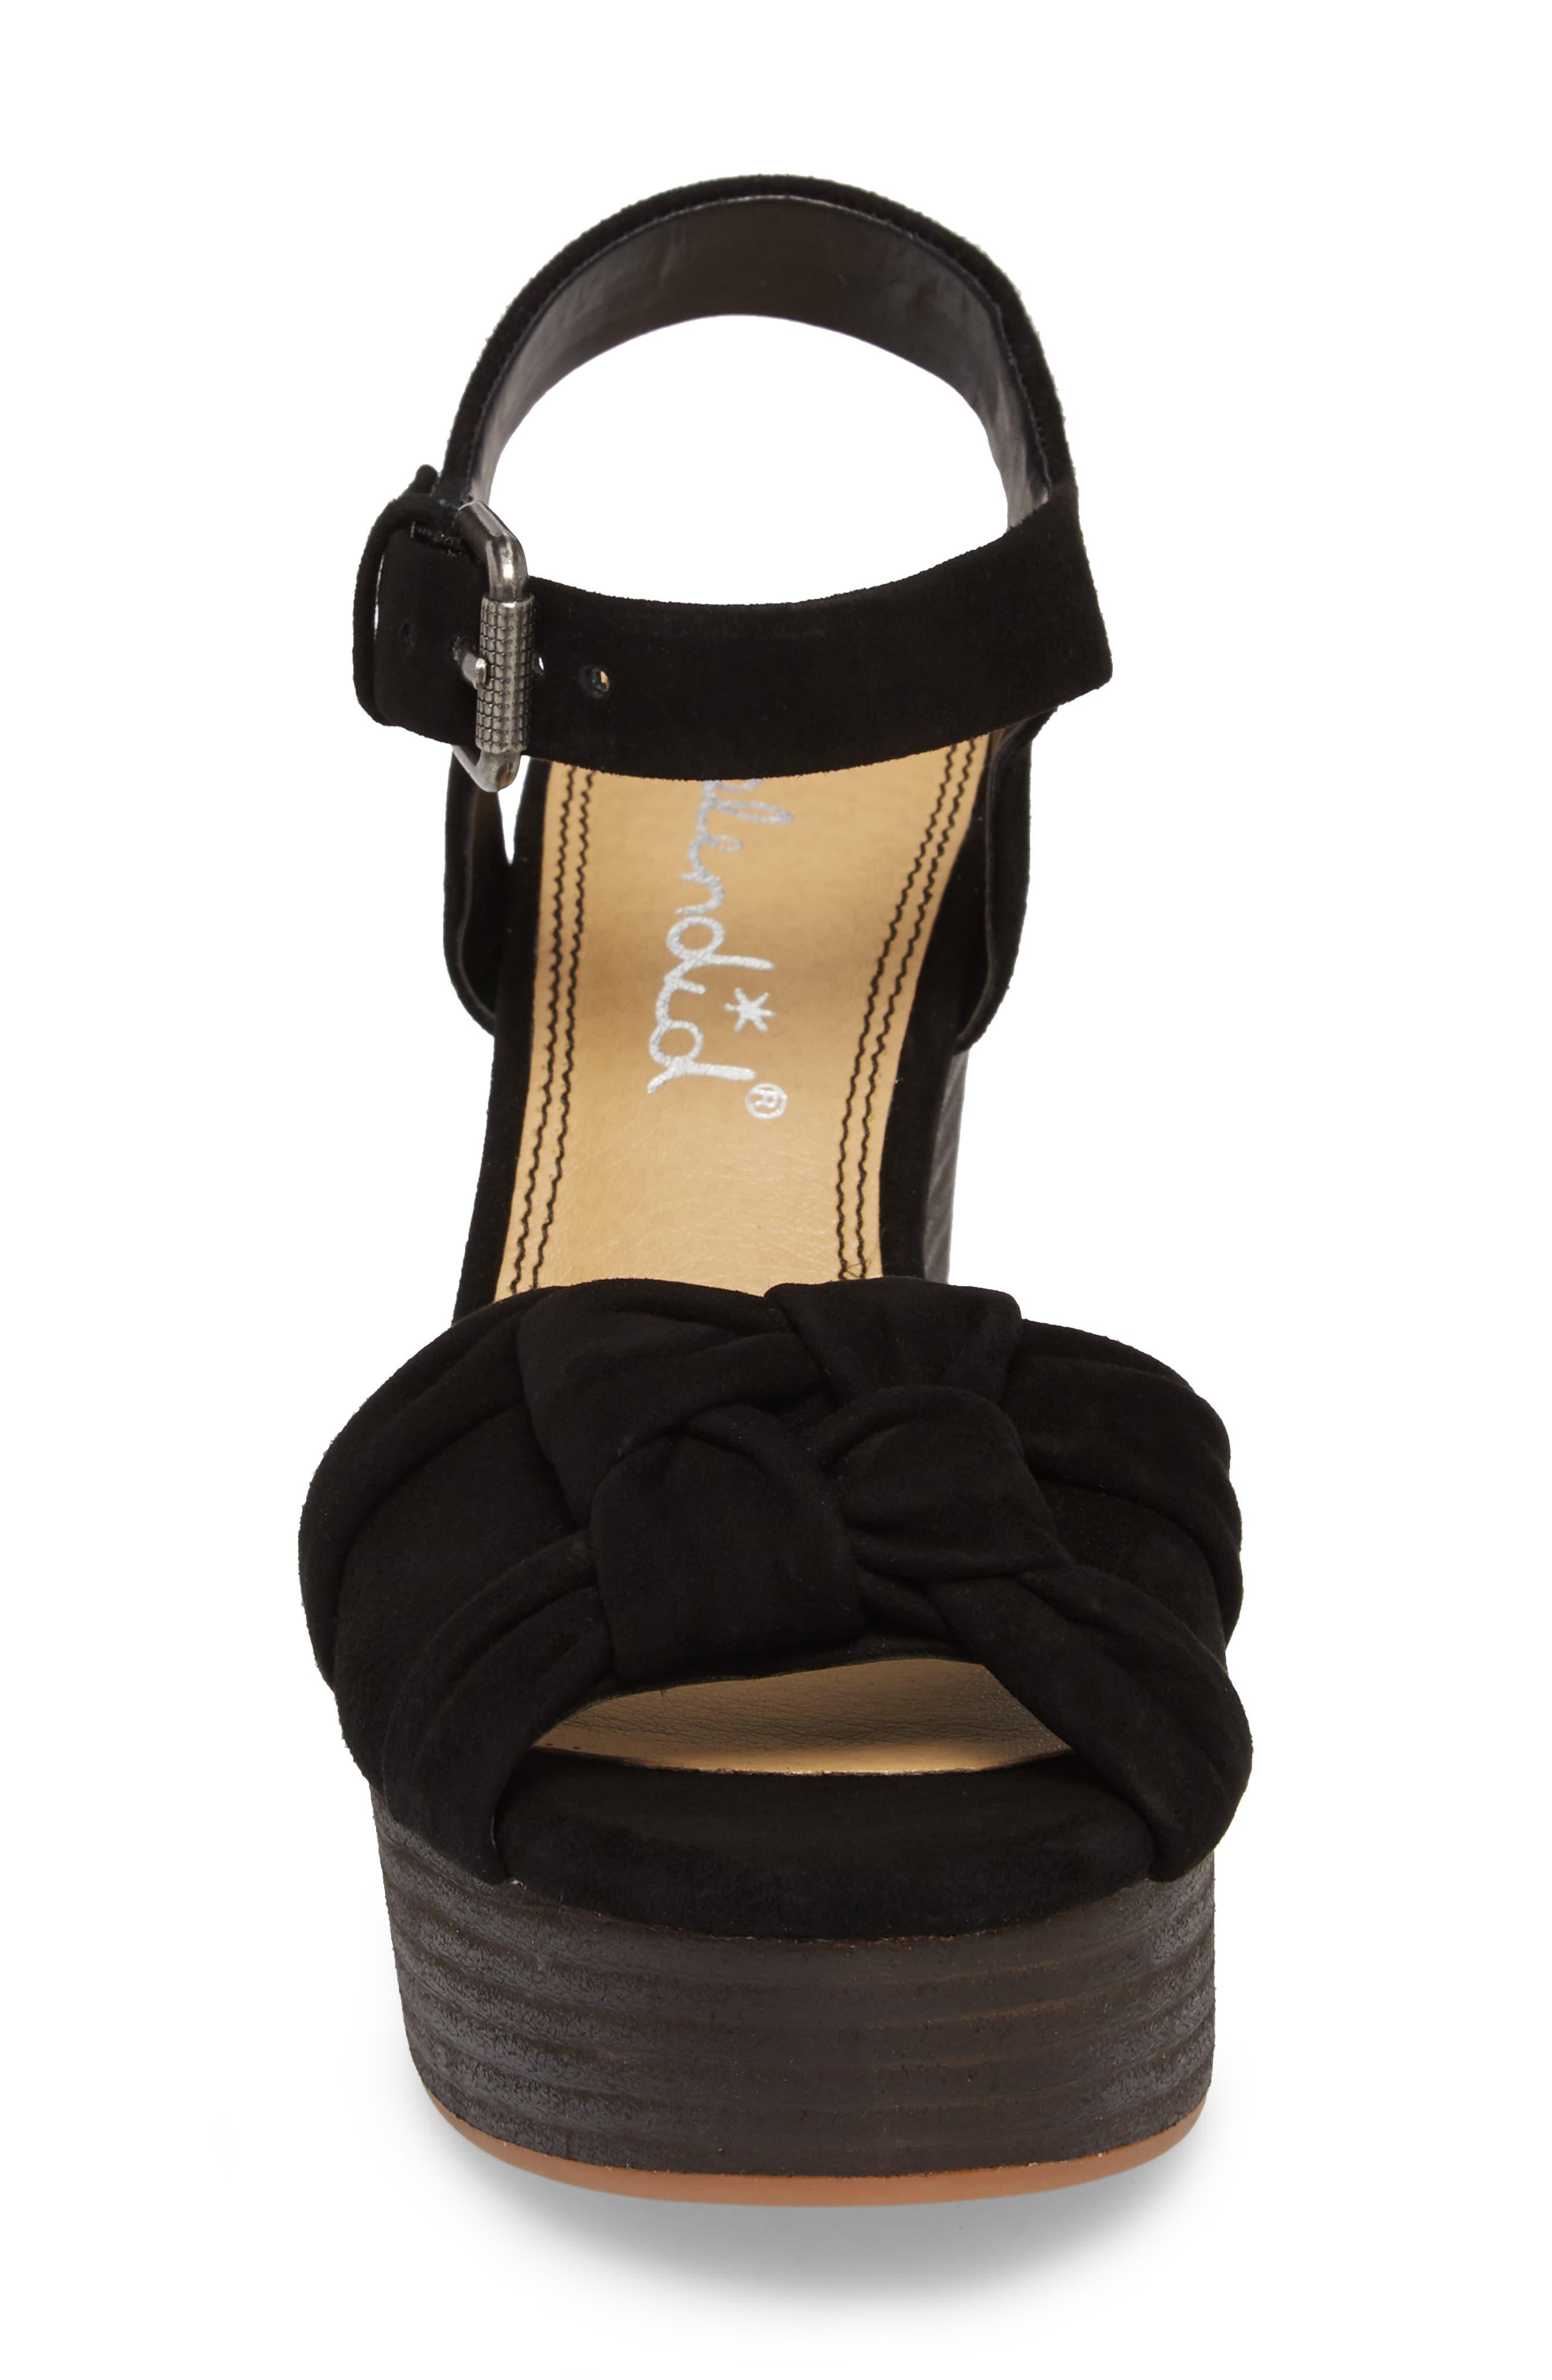 Nada Platform Wedge Sandal,                             Alternate thumbnail 4, color,                             BLACK SUEDE